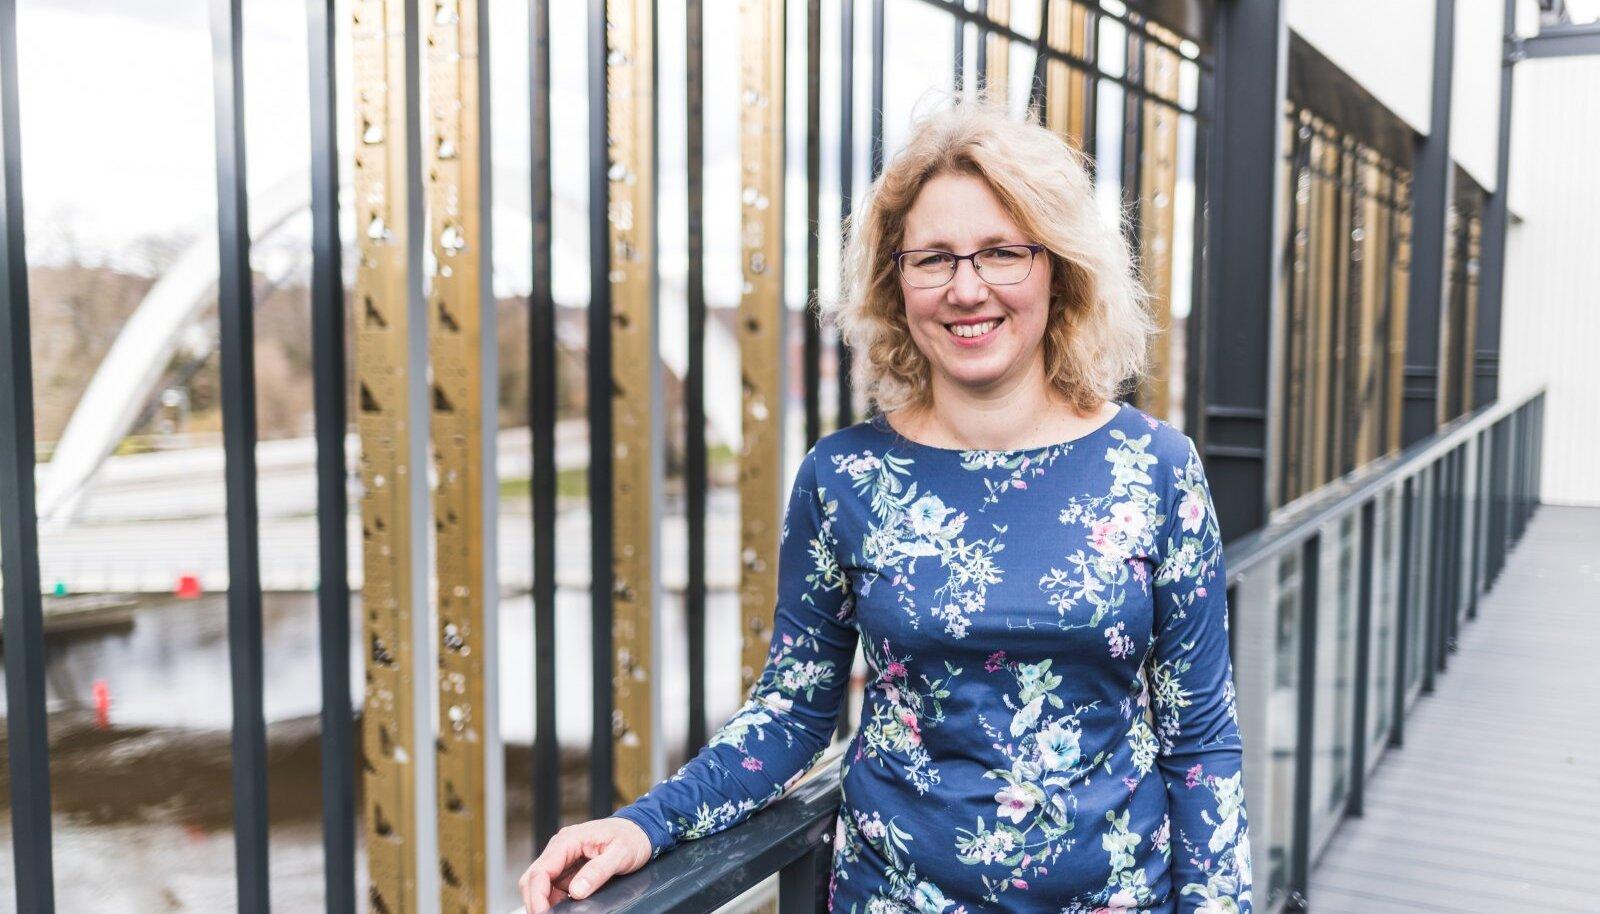 """""""POLIITIKUD MÕISTAVAD, AGA AEGA JA JÕUDU EI OLE"""": Professor Krista Fischer nõustab valitsust teadusnõukogu liikmena koroonaviiruse vastases võitluses."""